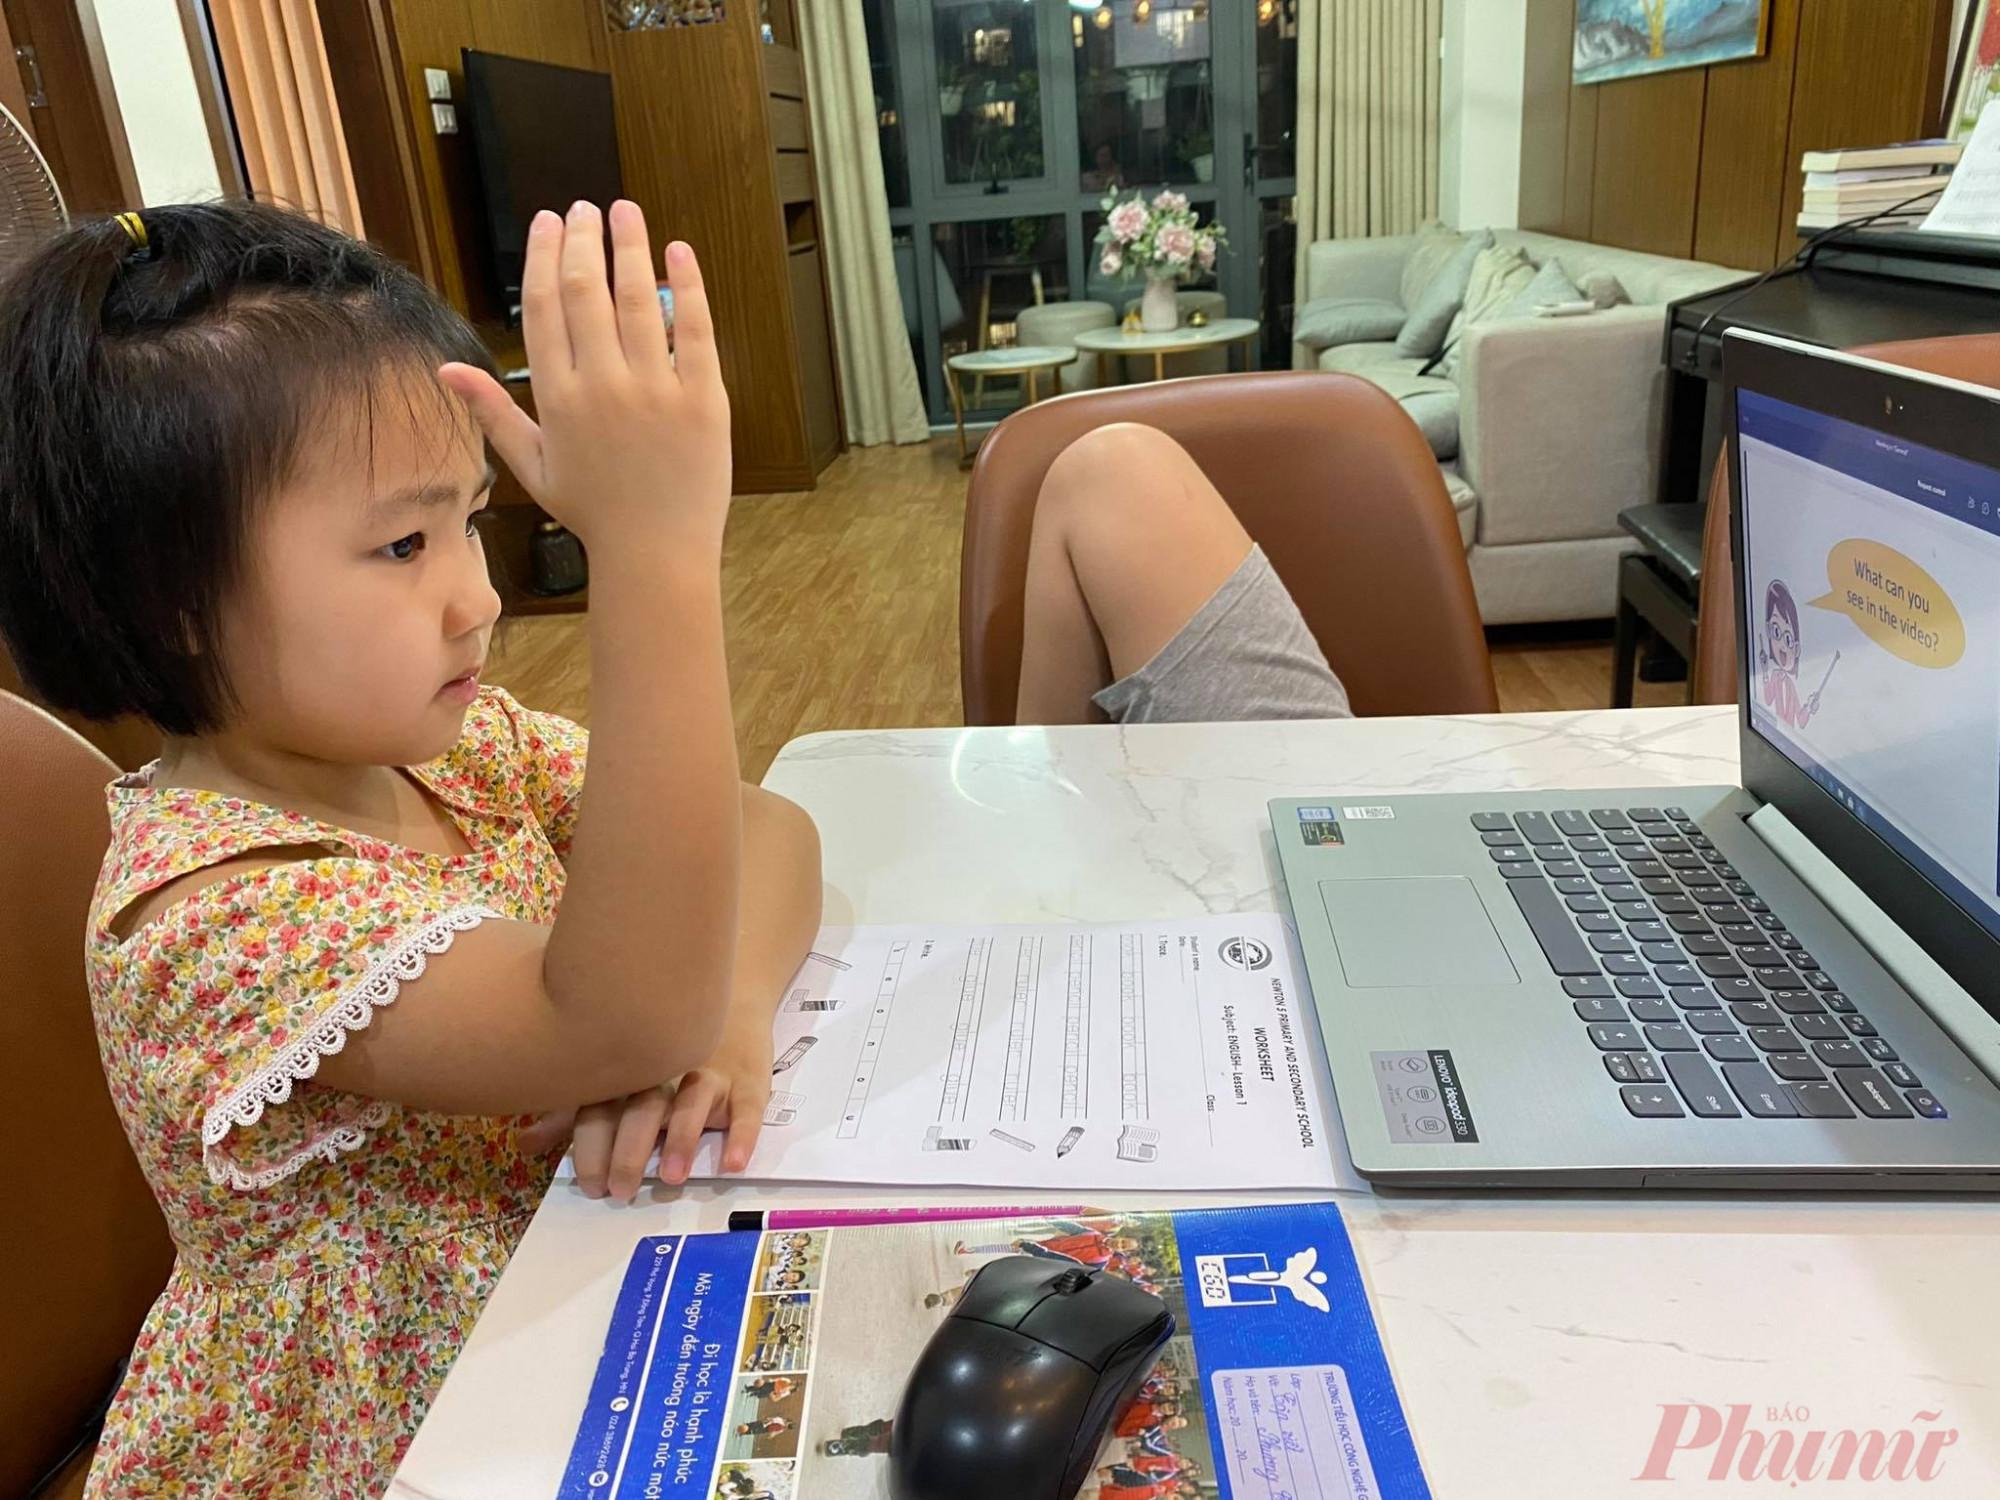 Chị Nga muốn đưa con gái về Thái Bình vì mấy tháng nay mắc kẹt tại Hà Nội con gái chị vẫn học trực tuyến- Ảnh: Đại Minh